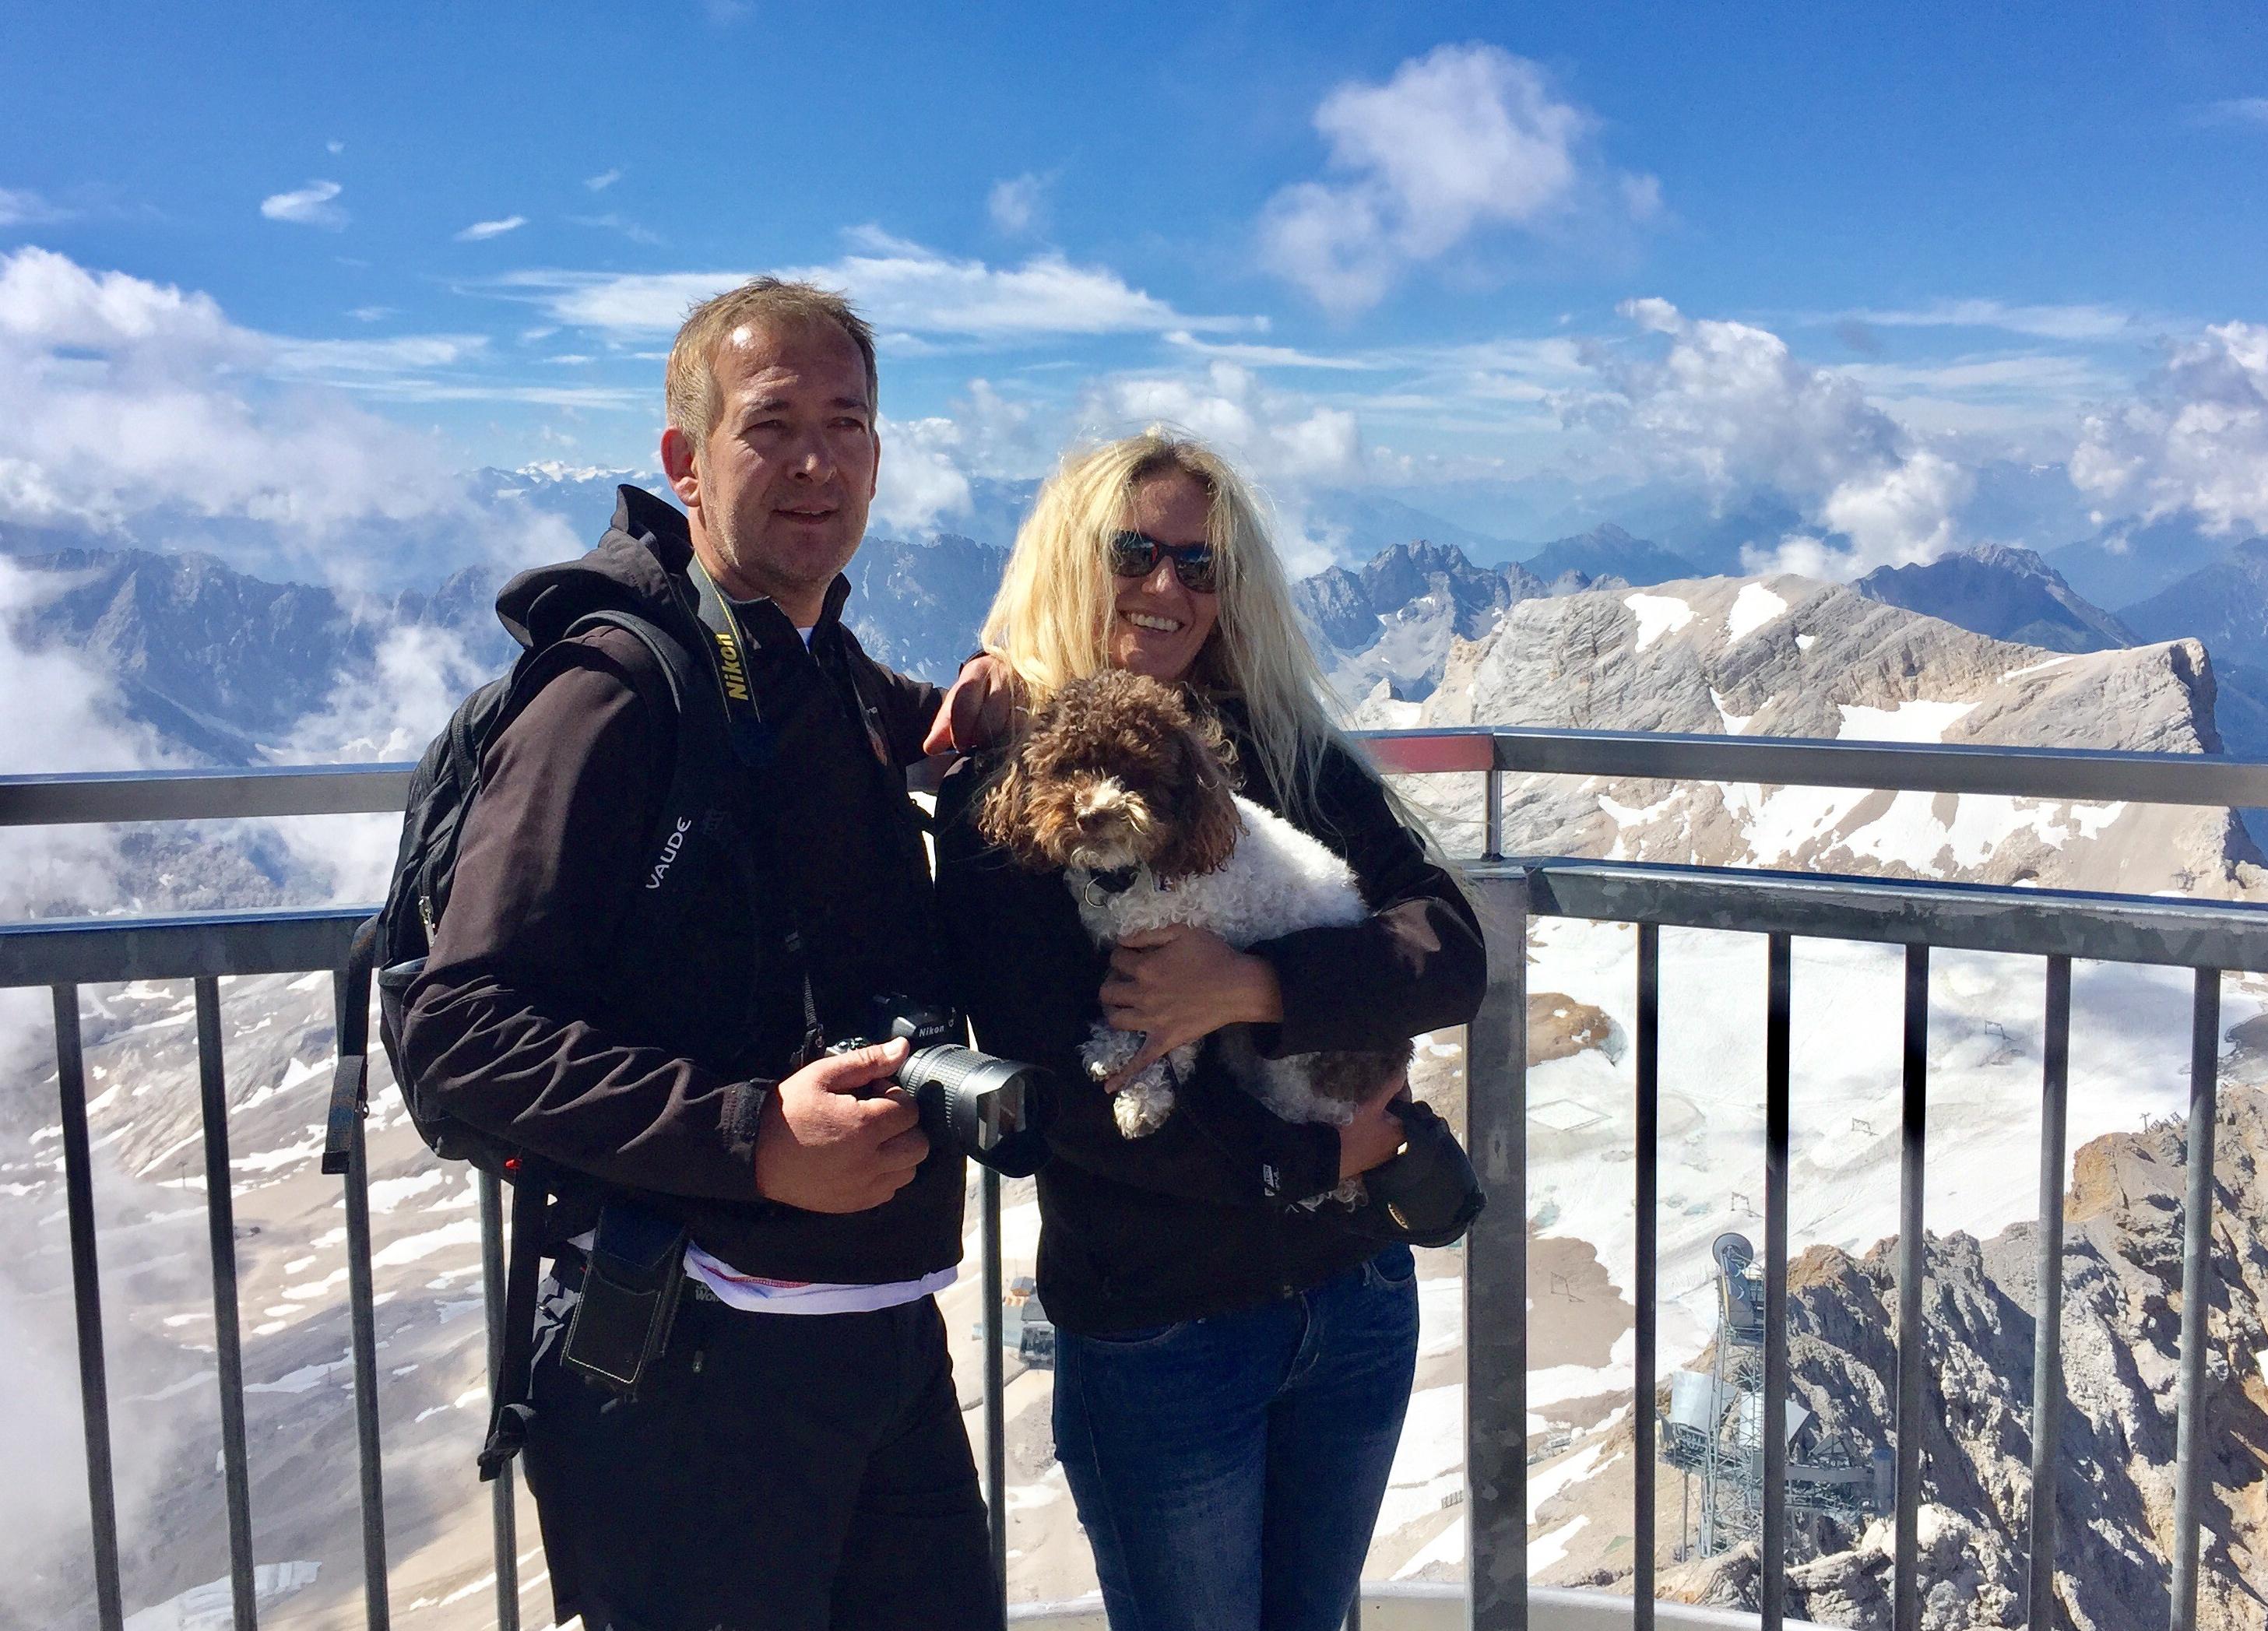 Reiseblog Urlaubsreise